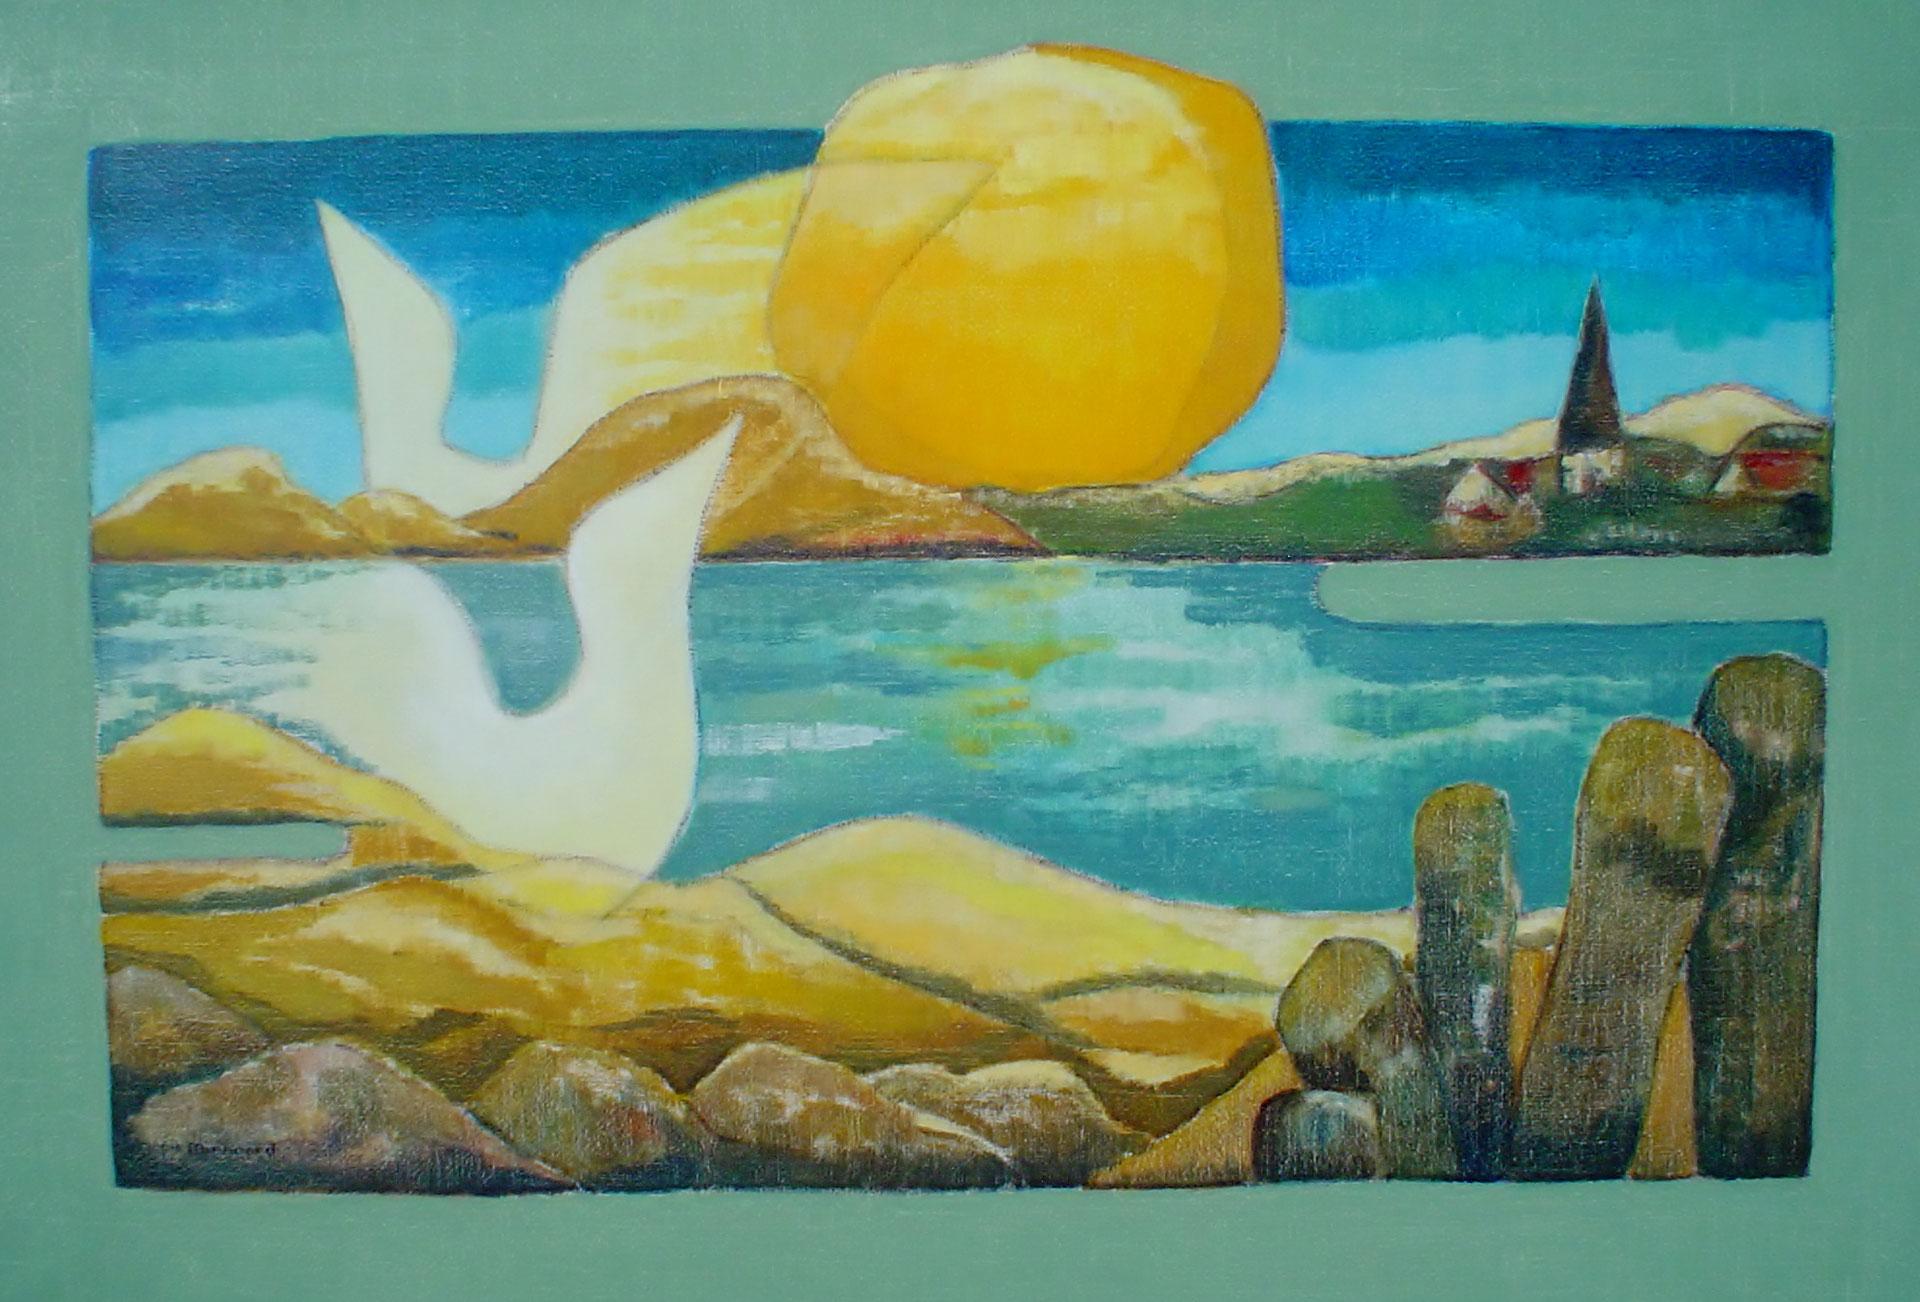 Jopie minnaard kunstenaar schilderijen kunst uit o a for Moderne schilderkunst